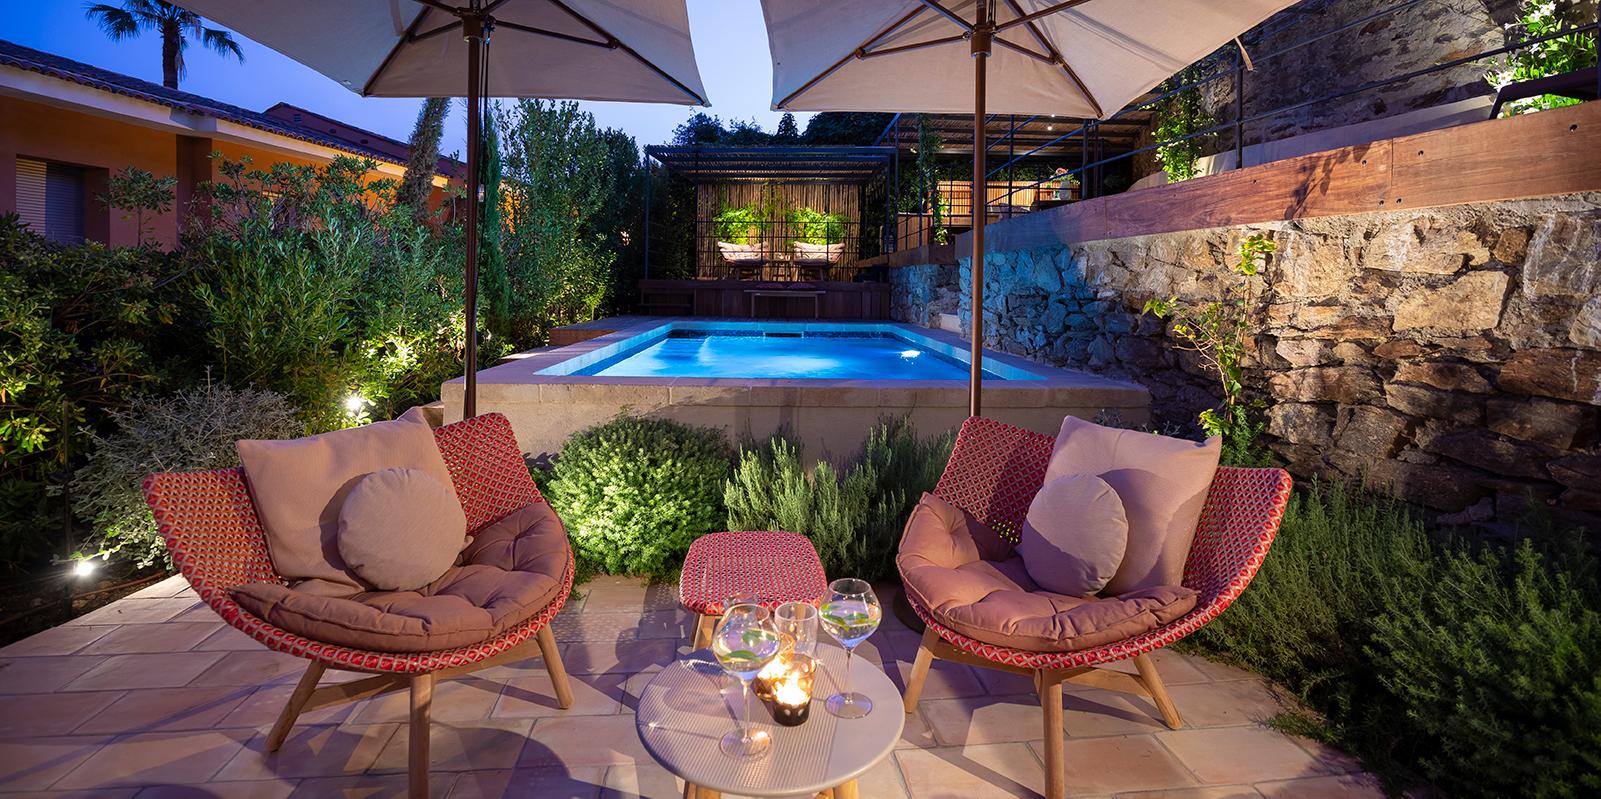 in-lite outdoor lighting, buitenverlichting, villa tuin, exclusief lichtplan